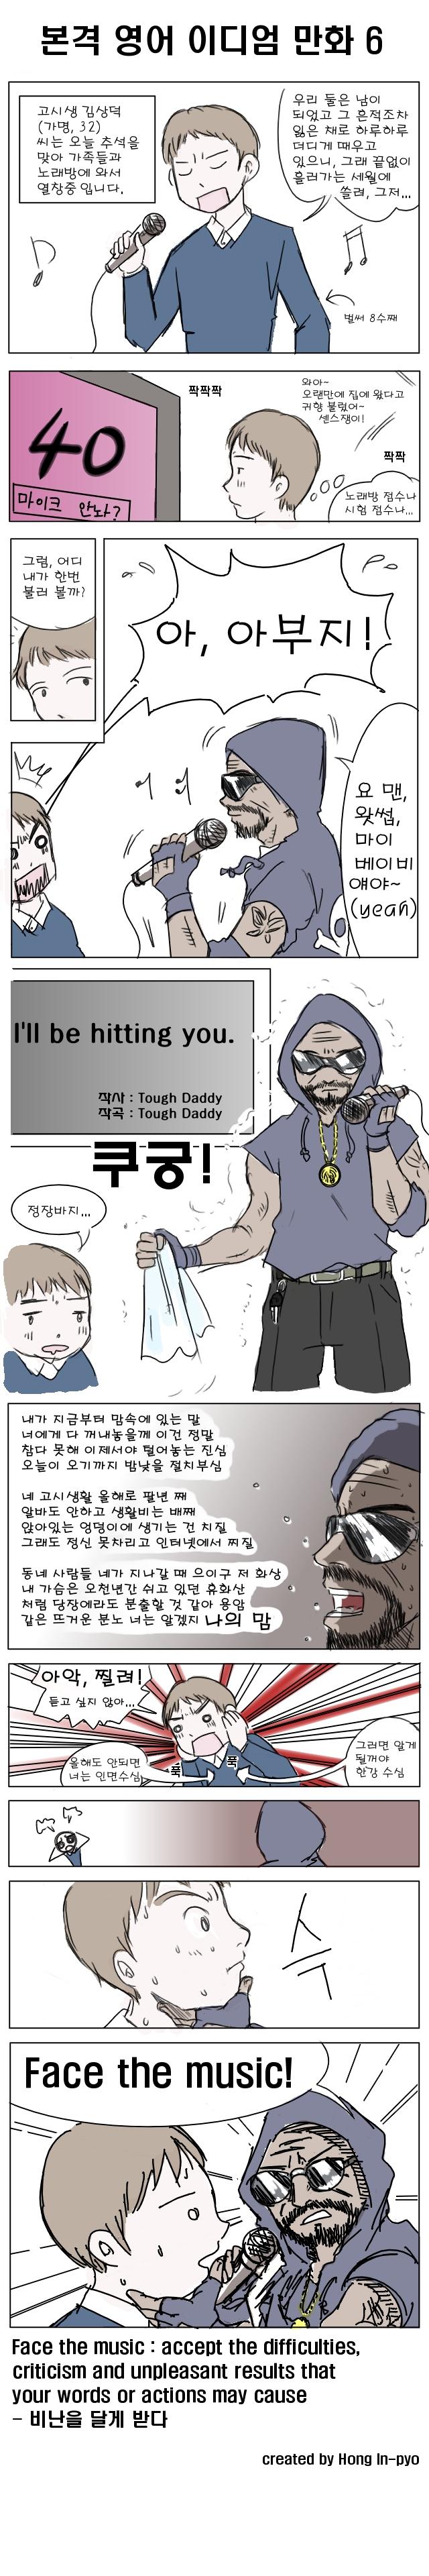 영어 이디엄 학습 만화 [6]